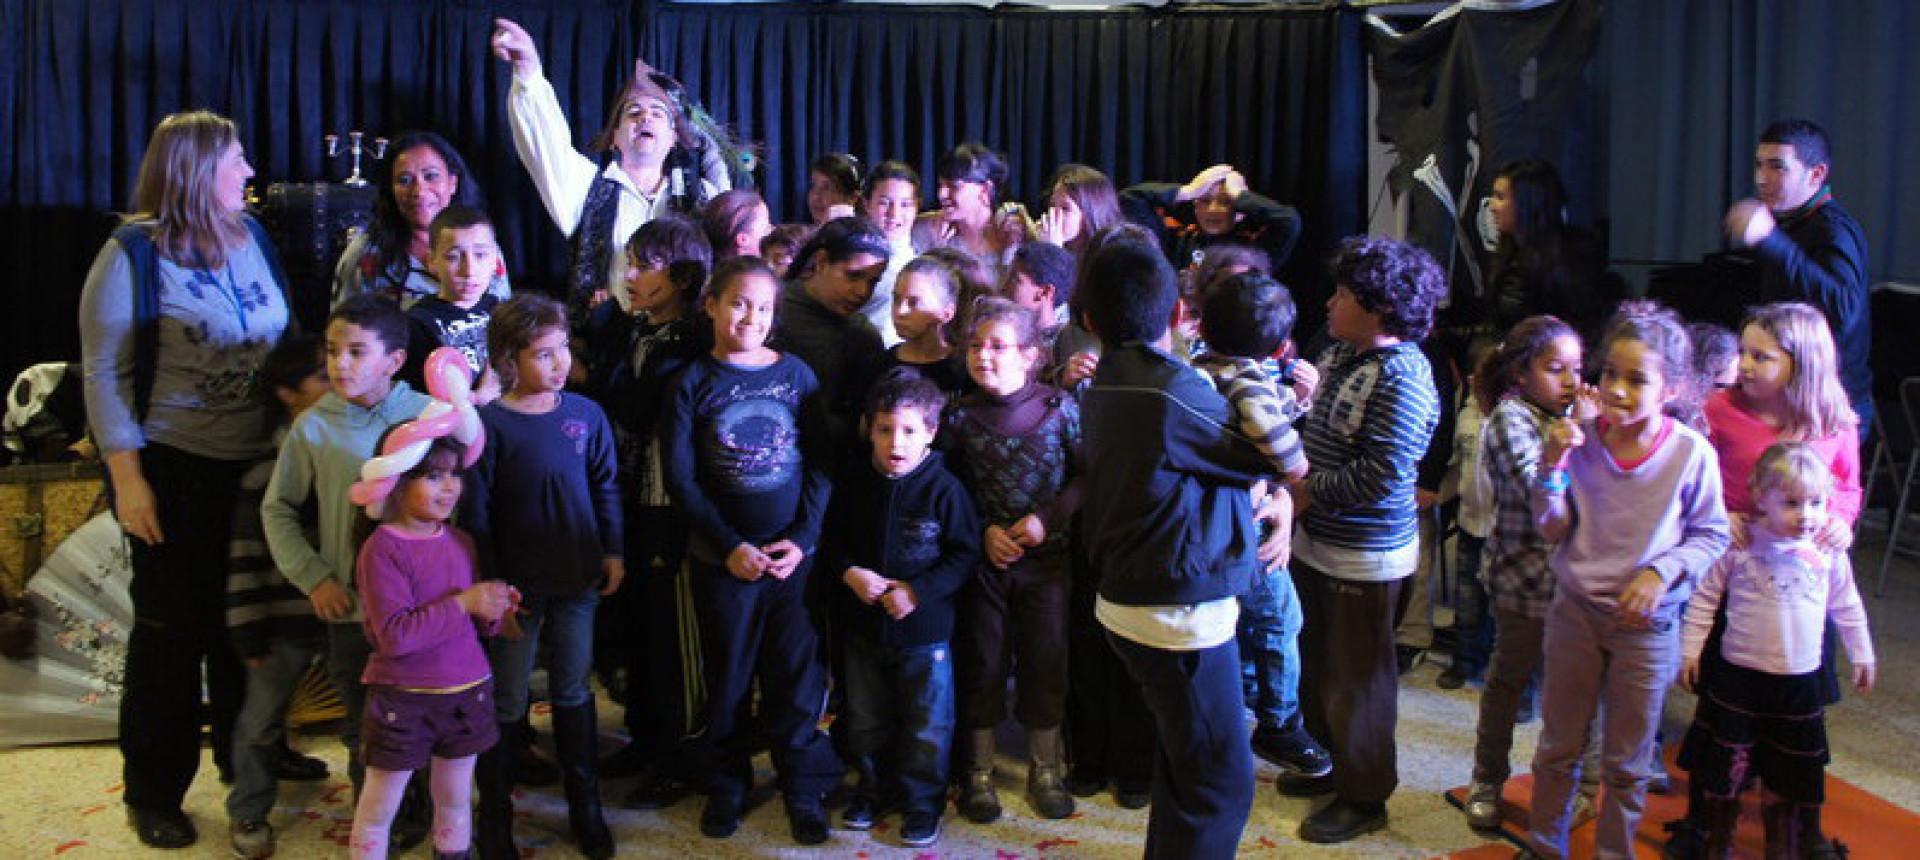 Fabrizio le pirate à Marseille, spectacle de magie pour enfants en provence, magicien pour enfants à Marseille etrégion PACA France